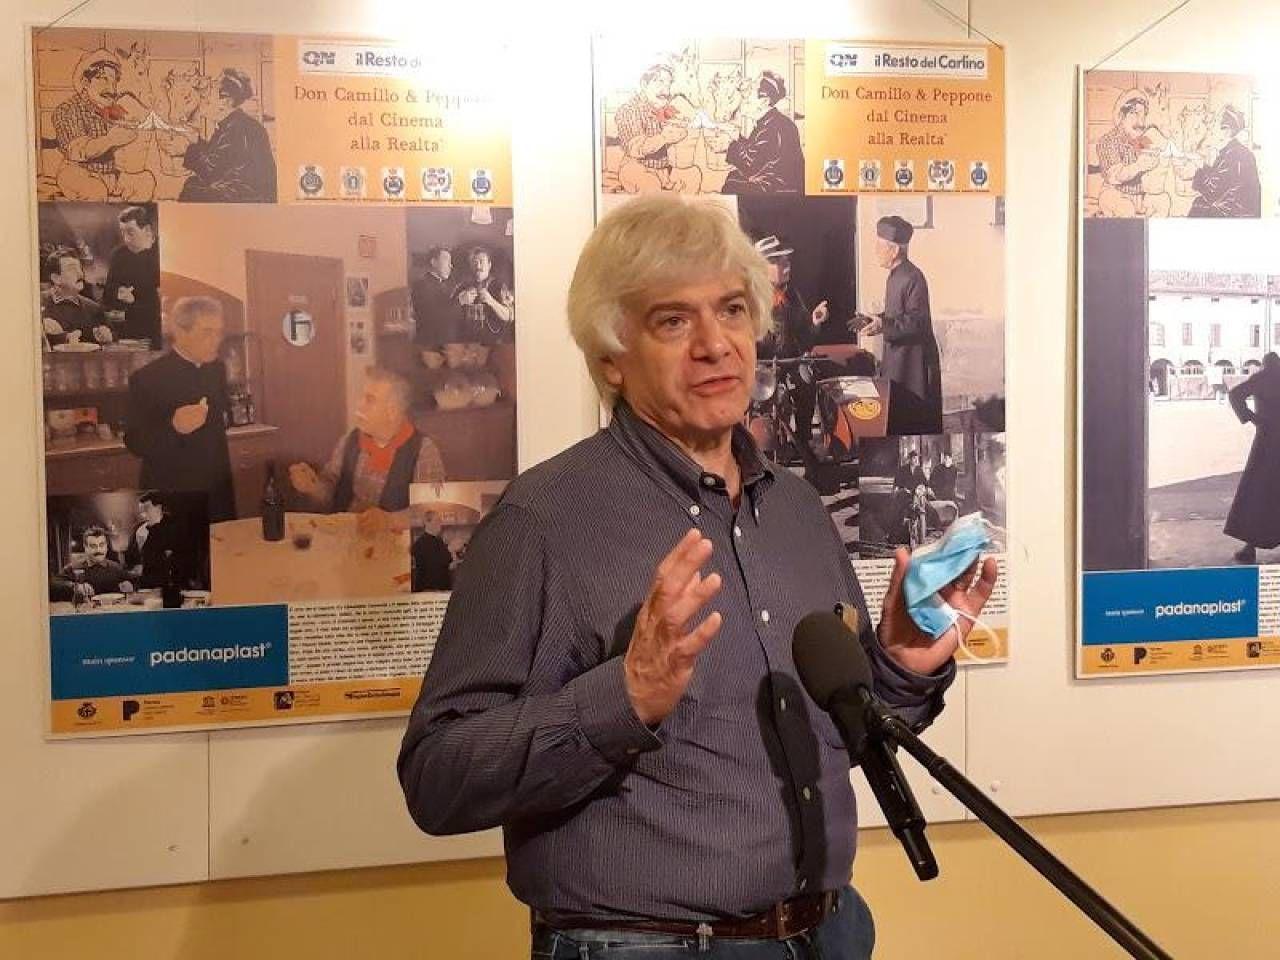 Egidio Bandini, giornalista che ha curato la mostra, l'attore Enrico Beruschi e, sotto, uno scorcio di «Don Camillo e Peppone, dal cinema alla realtà»